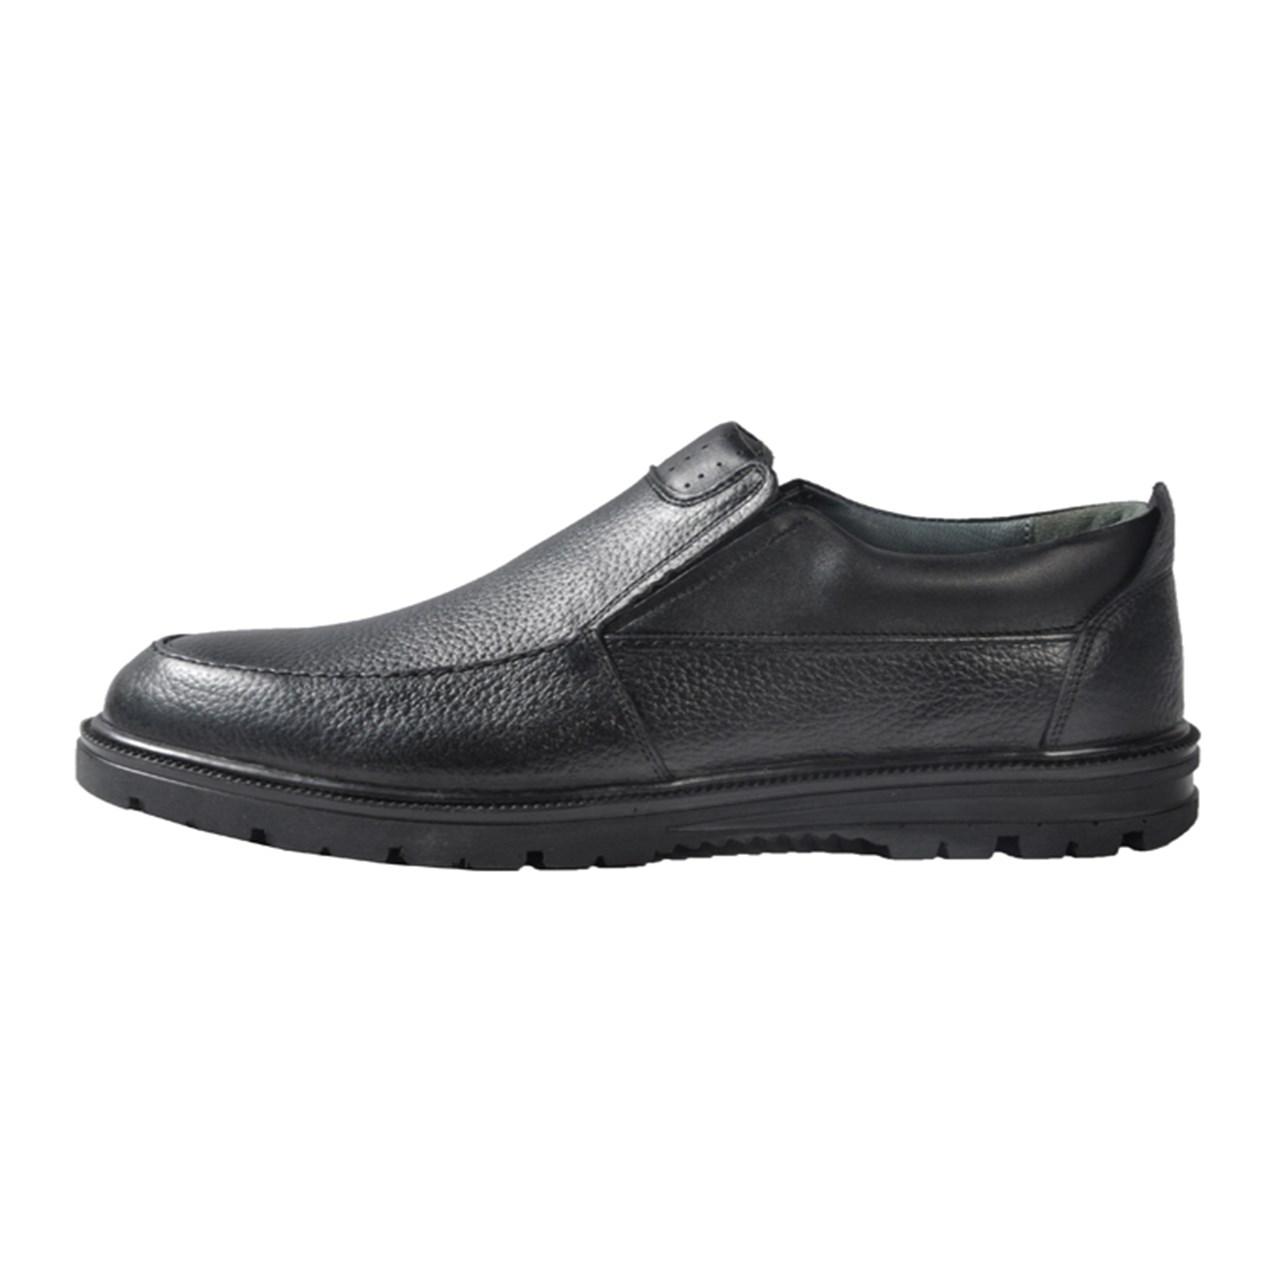 کفش مردانه مهاجر مدل M51m